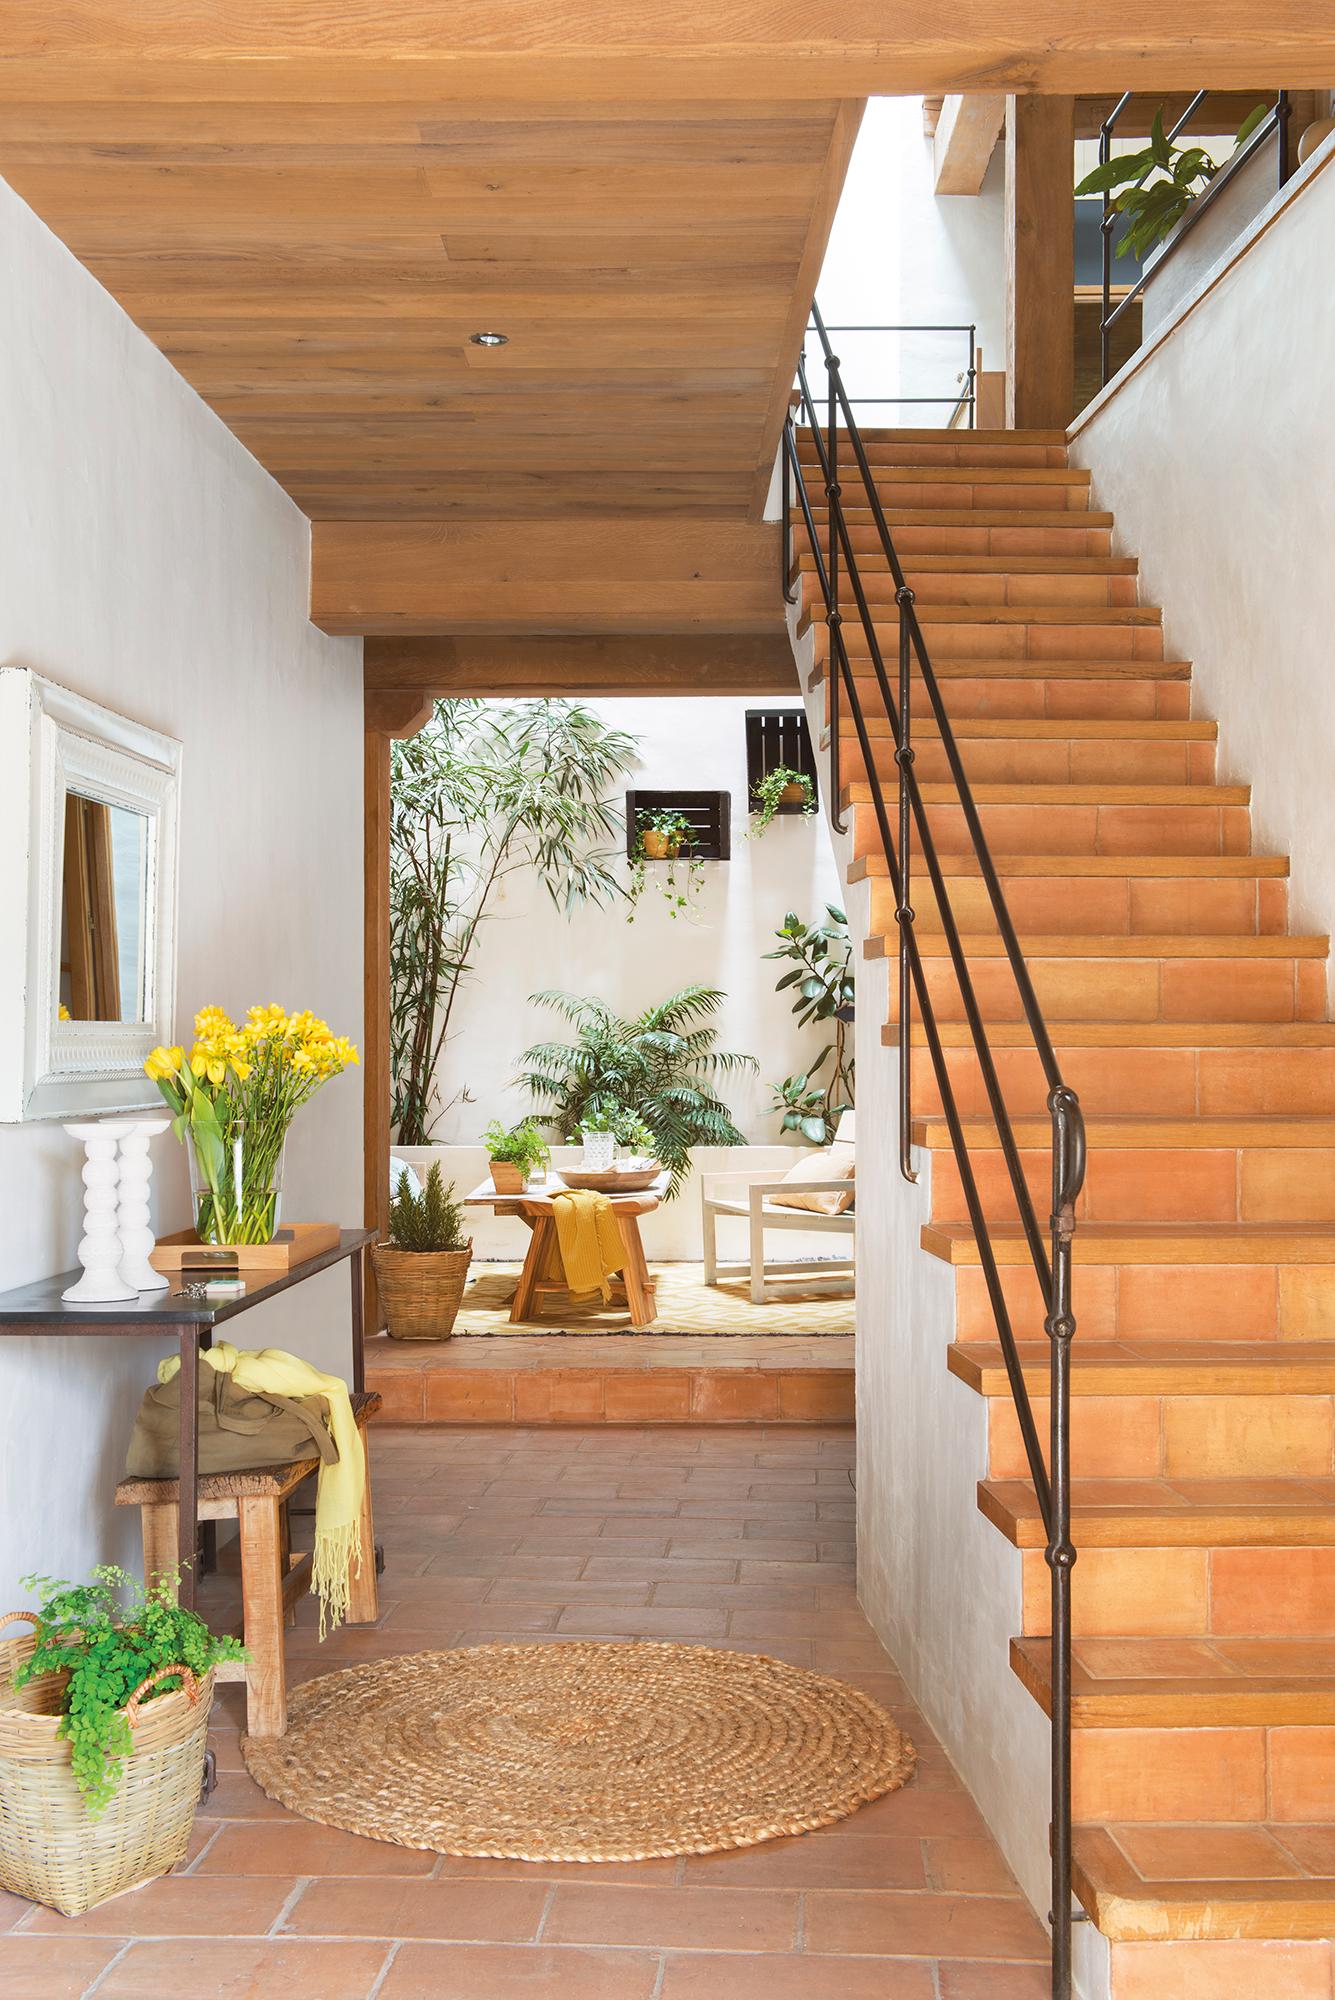 Escaleras c mo planificarlas con acierto for Tipos de escaleras para casas de 2 pisos